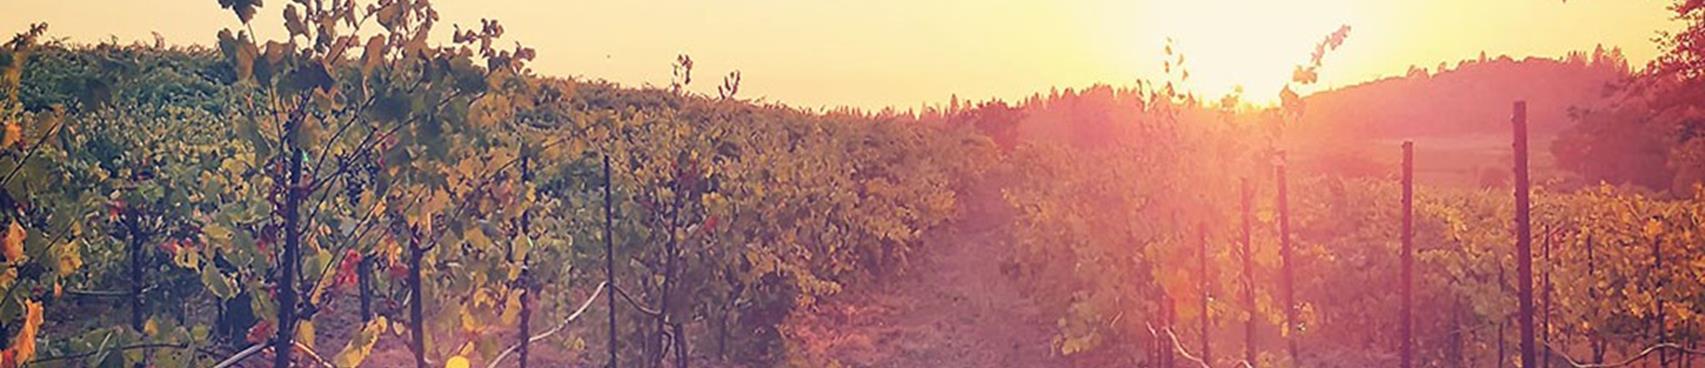 Dobra Zemlja Winery's 2020 Annual Wine Club Member BBQ